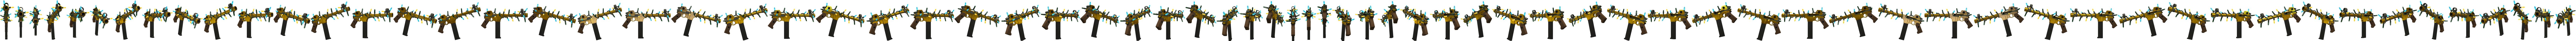 basic house wiring diagram australium [ 13234 x 209 Pixel ]